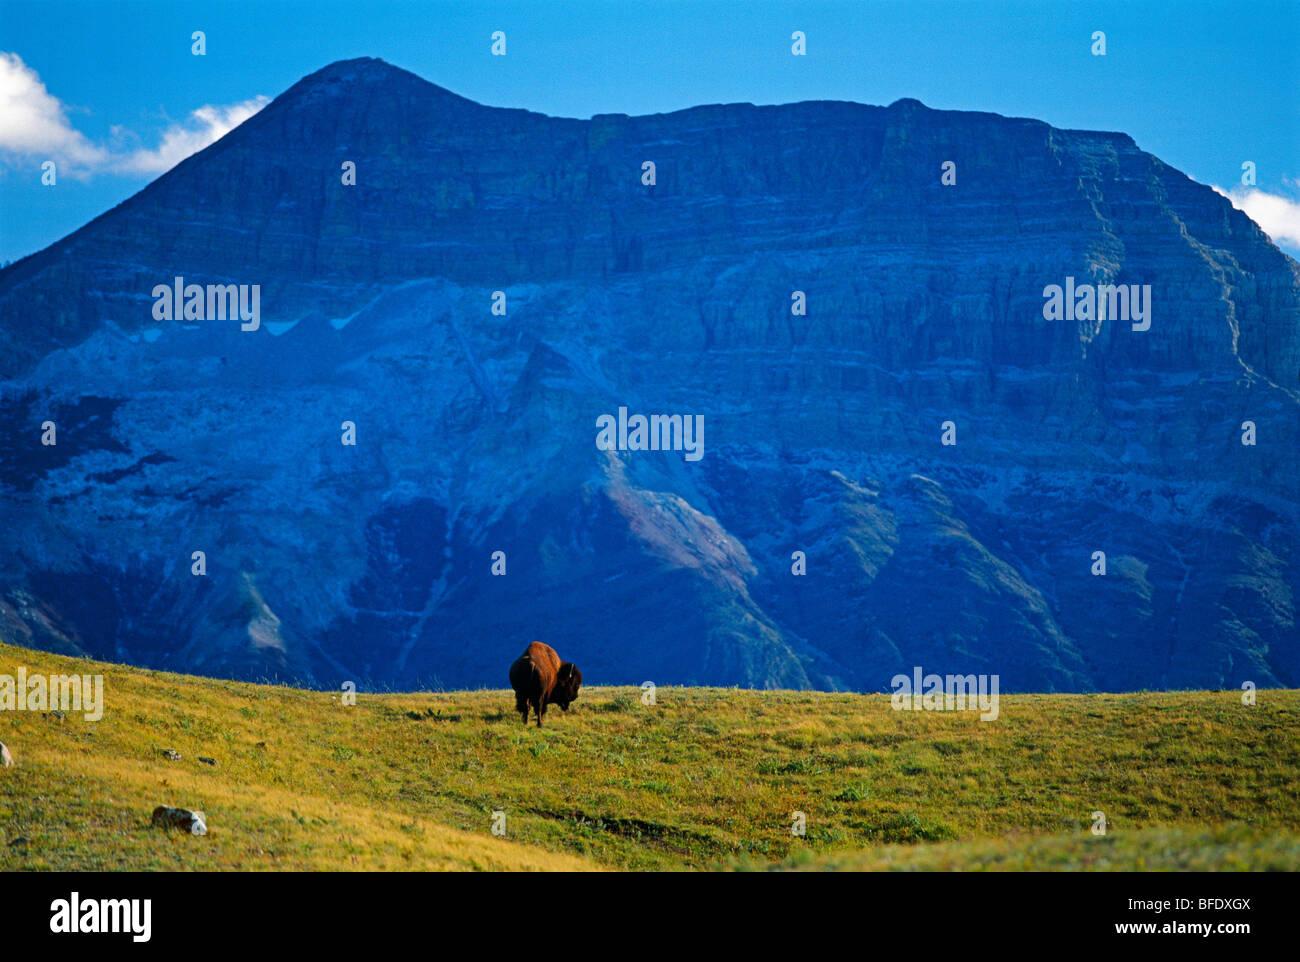 Bison (Bison bison) dans la zone de crête de Vimy à l'arrière-plan, Waterton Lakes National Park, Alberta, Canada Banque D'Images